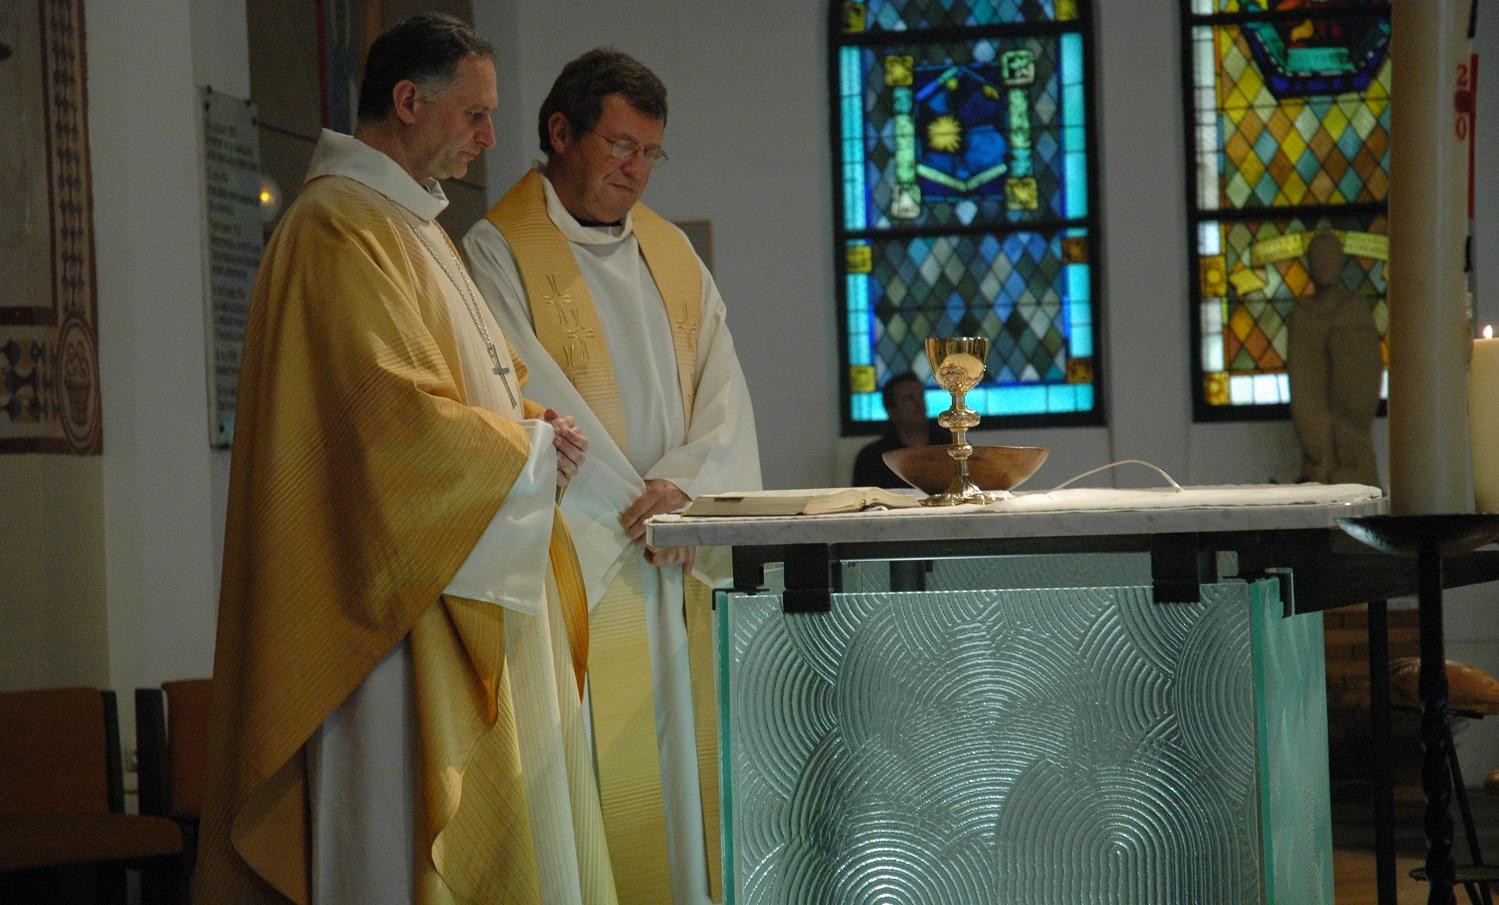 Consécration de l'autel en 2008 par Mgr Jean-Yves Nahmias avec le père Gambart, l'ancien curé de la paroisse.